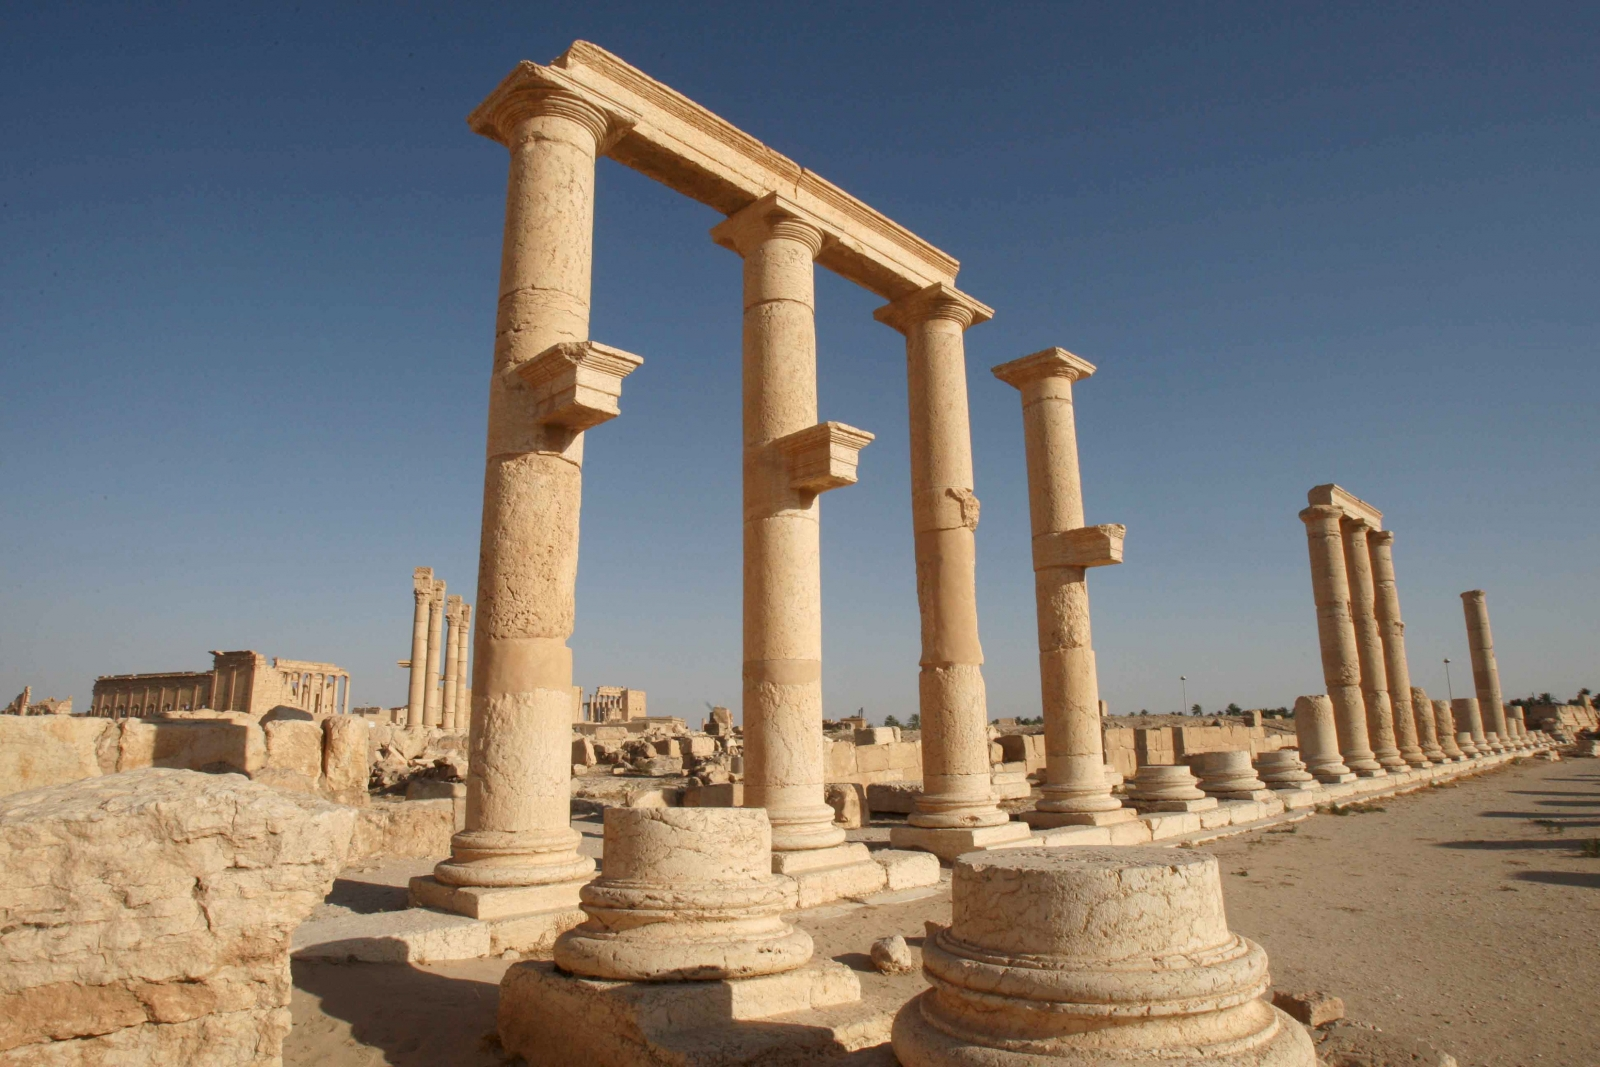 PALMYRA